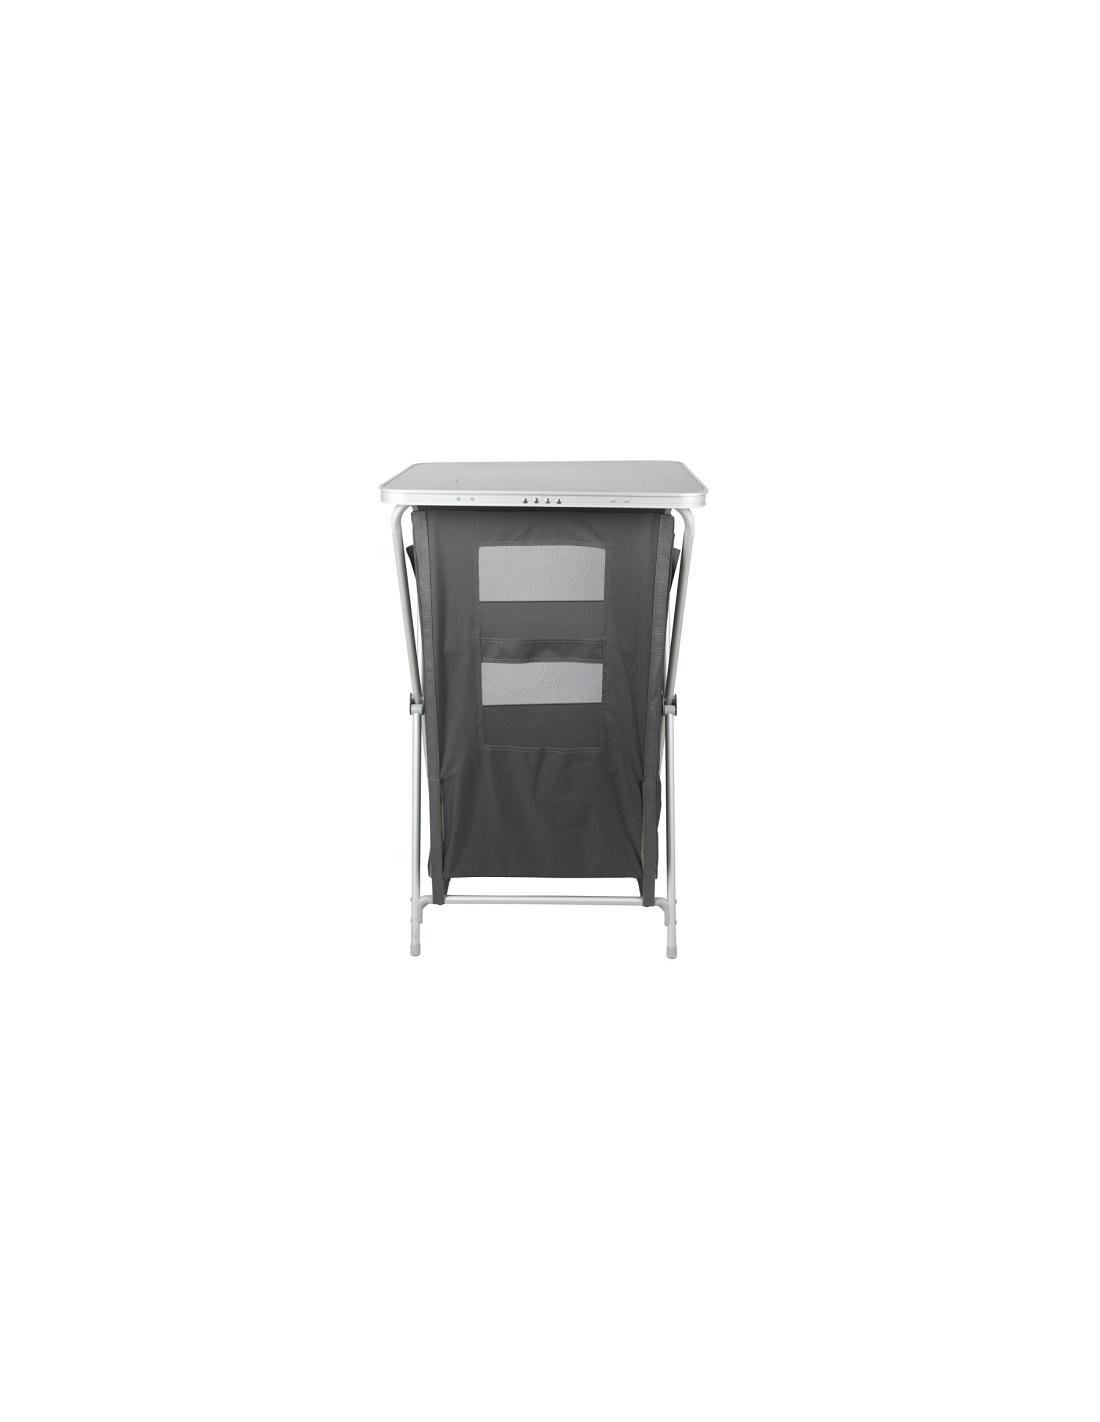 Mueble de cocina midland saturne tienda de camping online for Mueble cocina camping